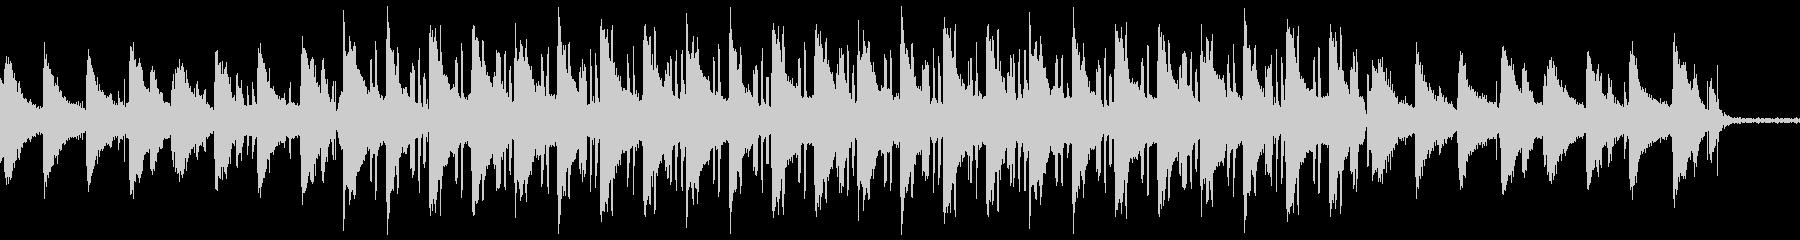 ローファイヒップホップ 環境音はカフェの未再生の波形